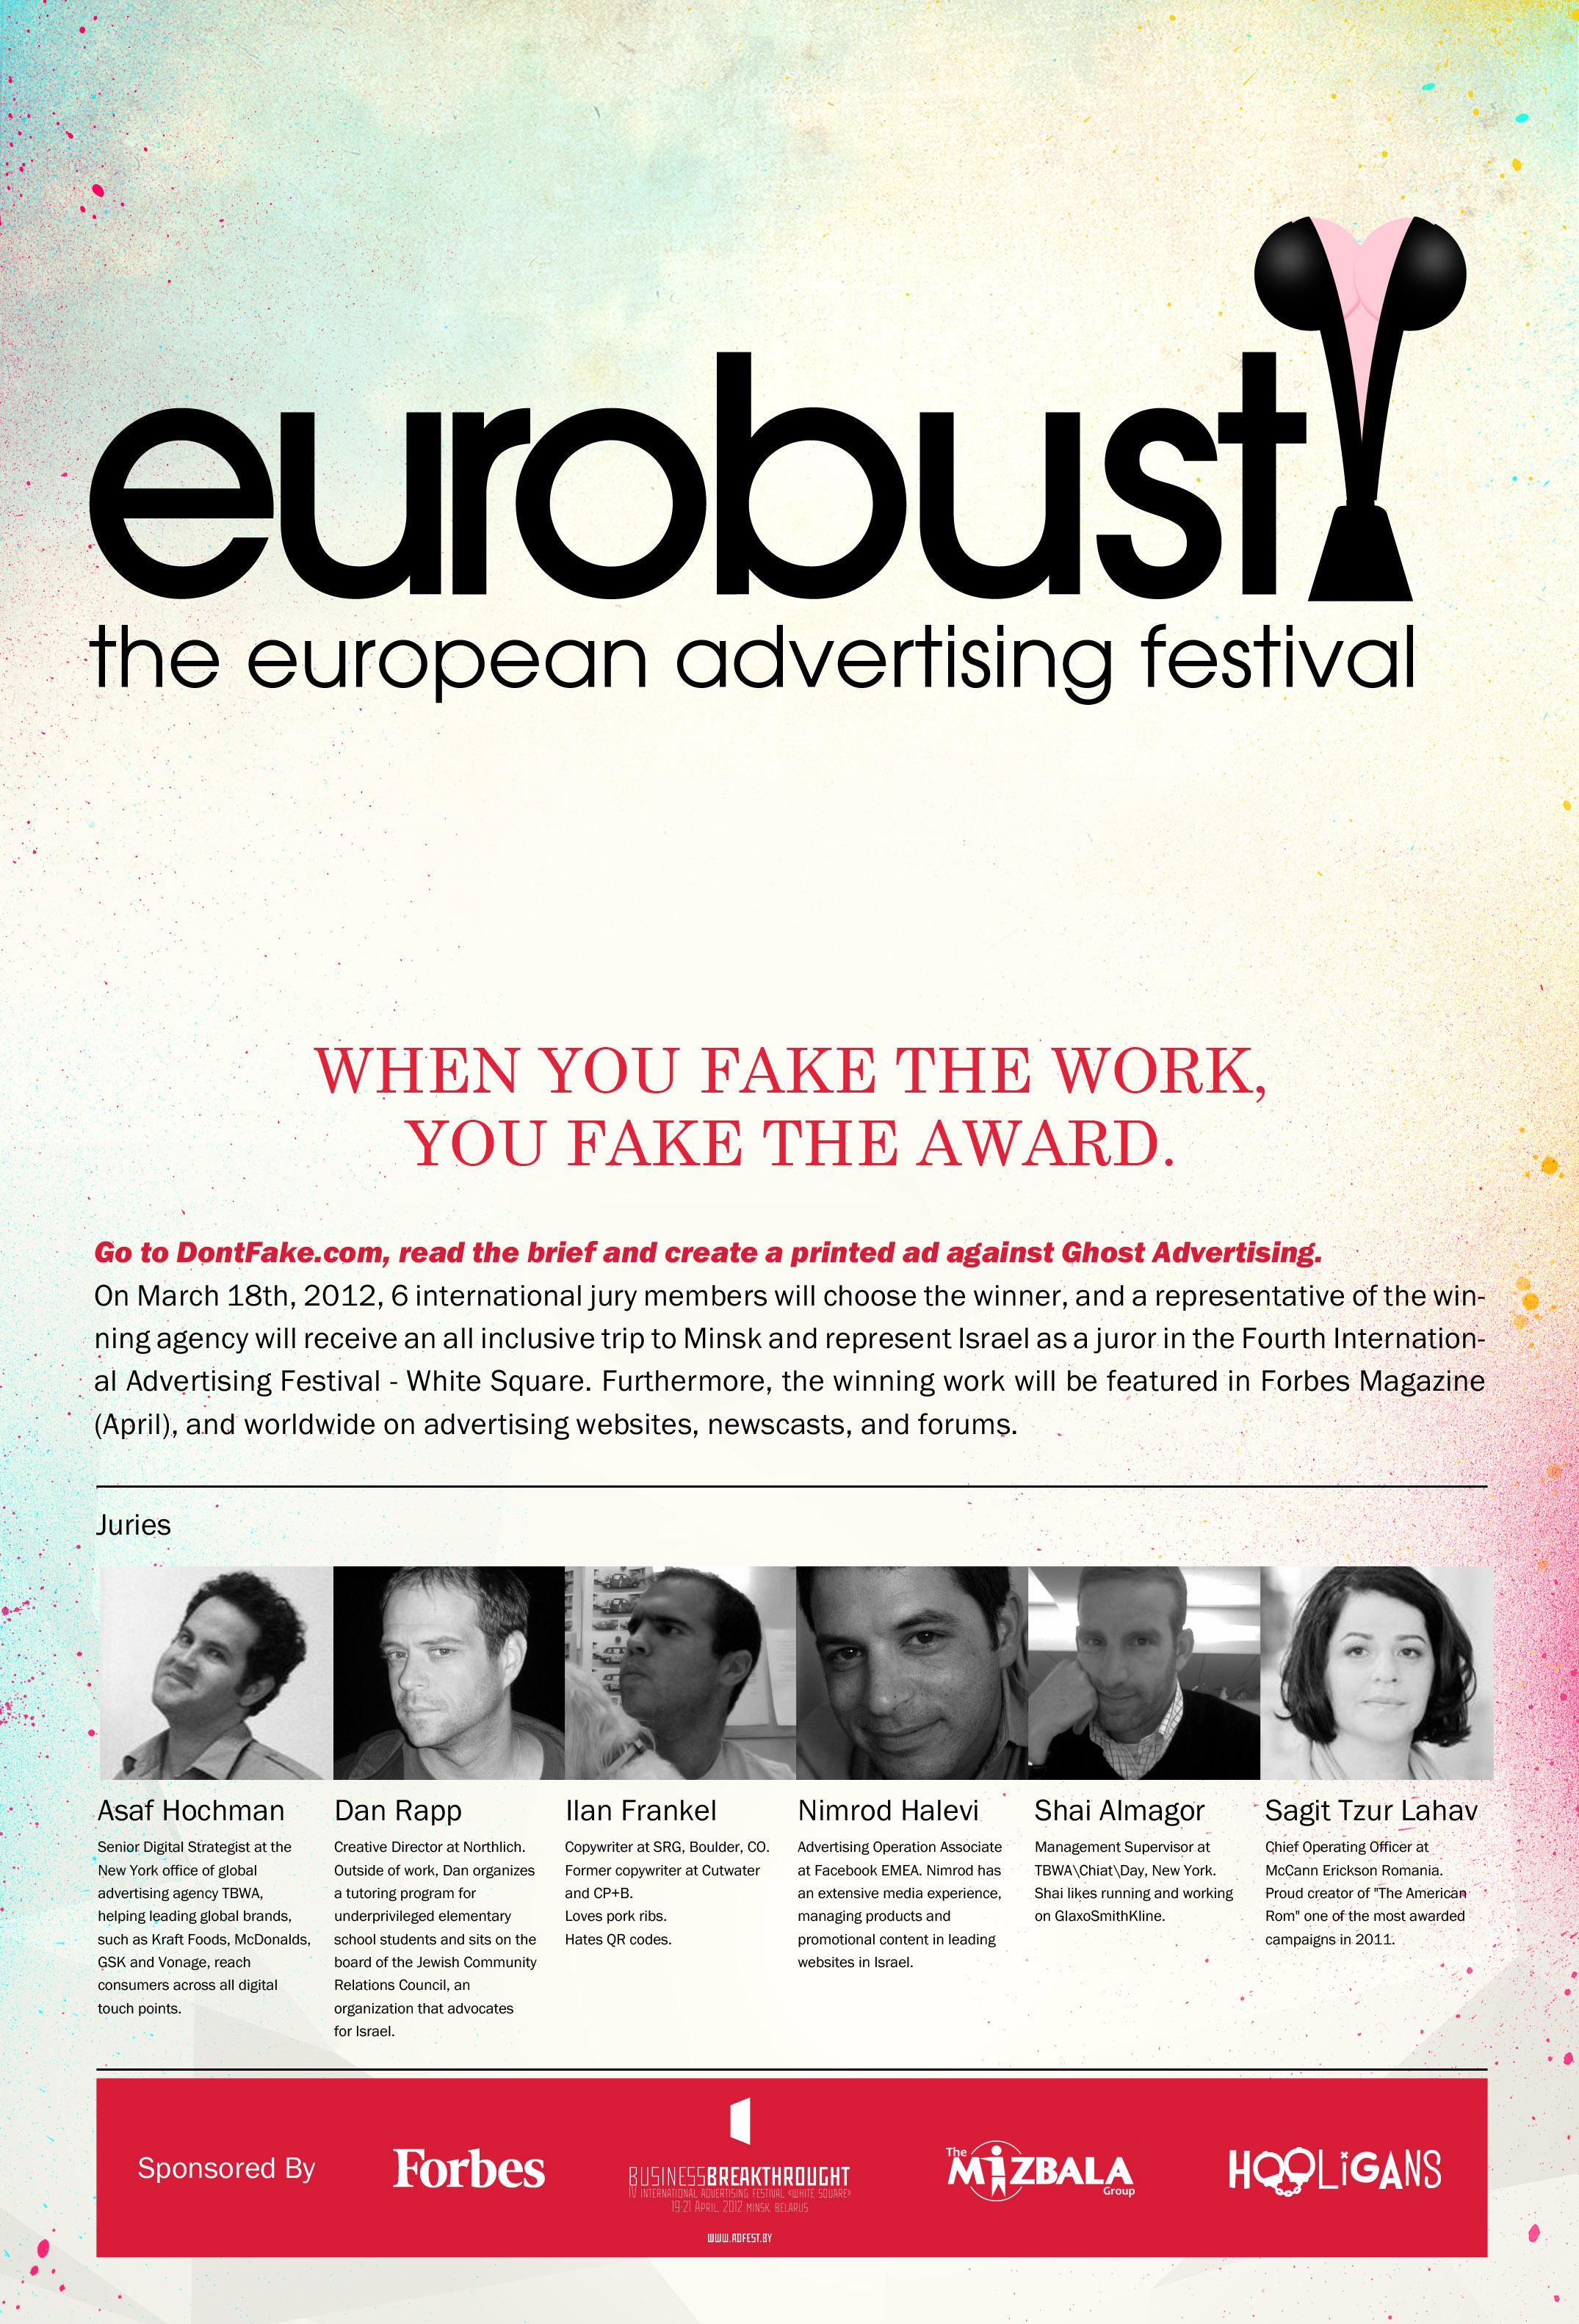 Eurobust